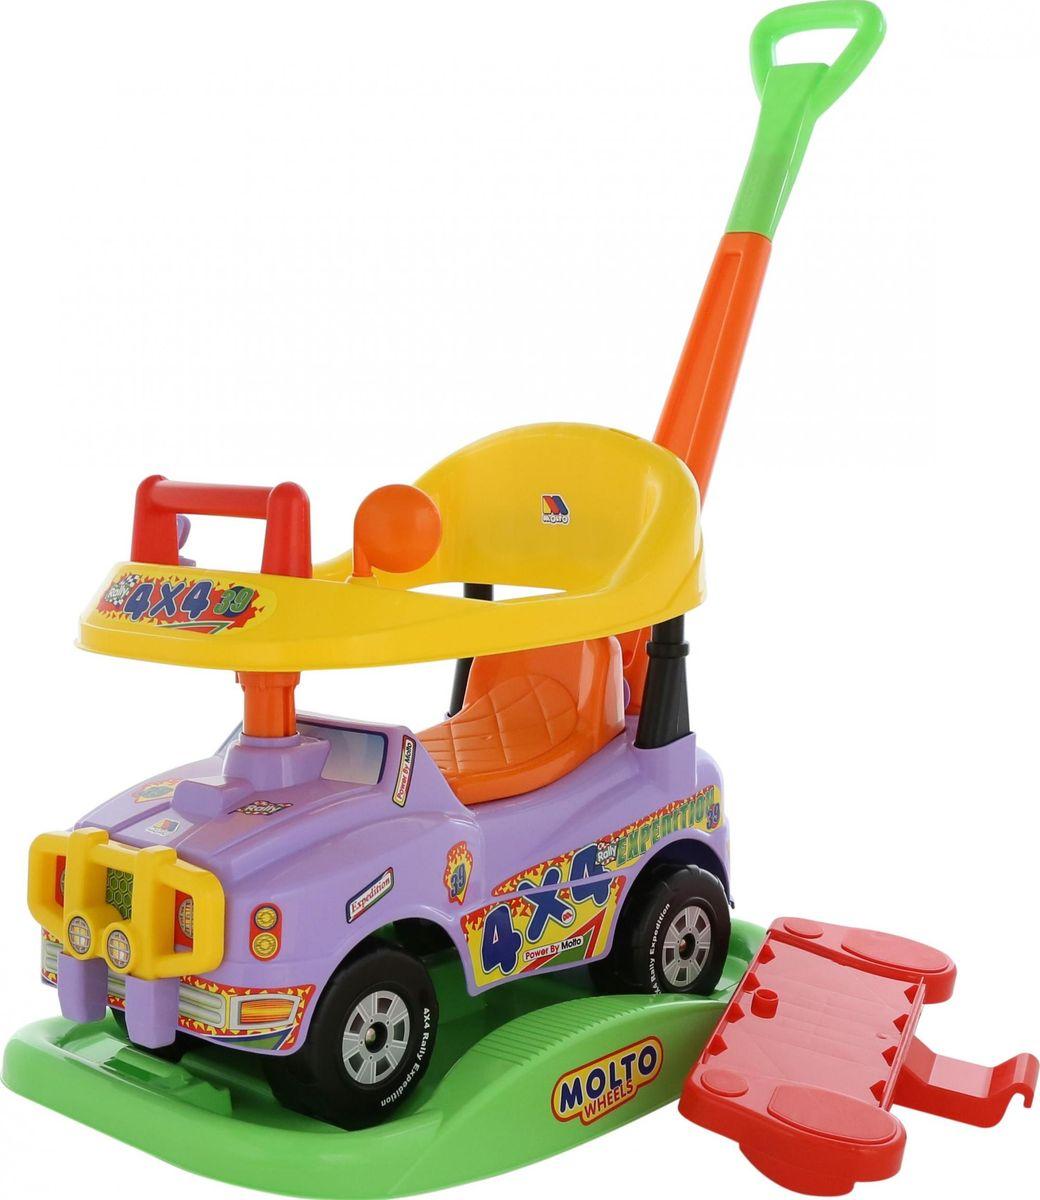 Полесье Автомобиль-каталка Джип Викинг цвет сиреневый -  Каталки, понициклы